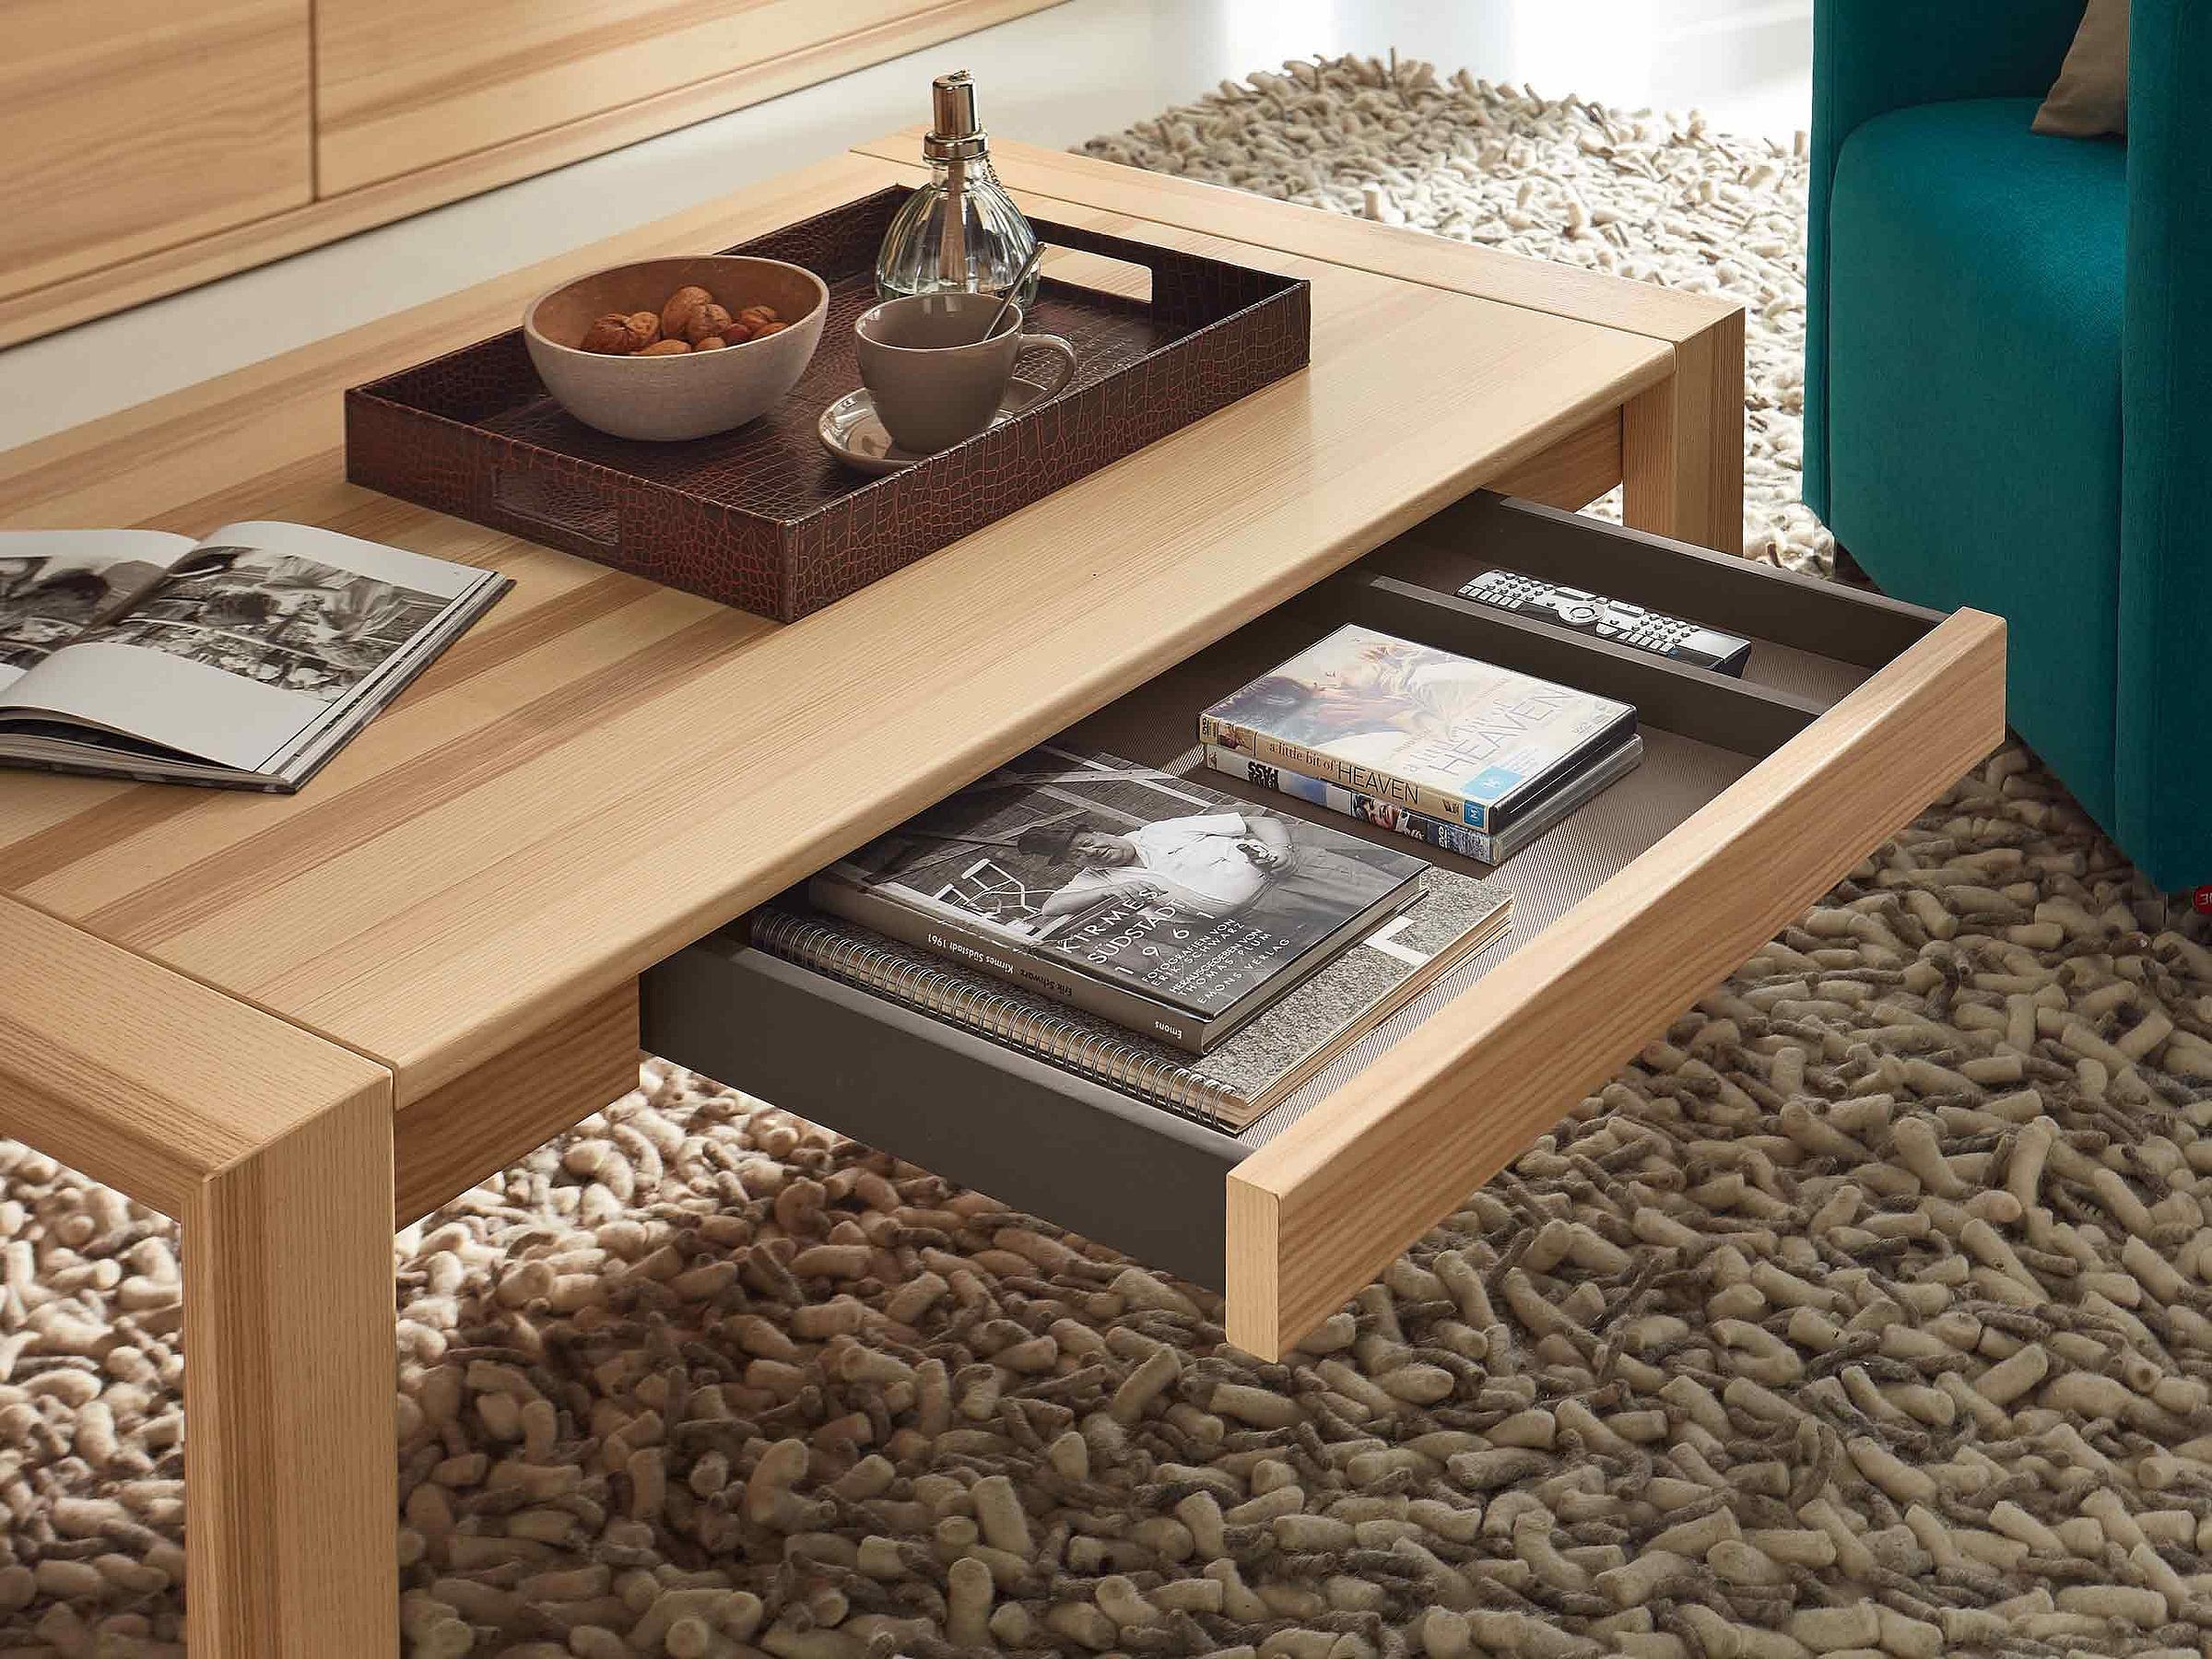 Couchtisch Wohnzimmer Allegro Holz Kernesche